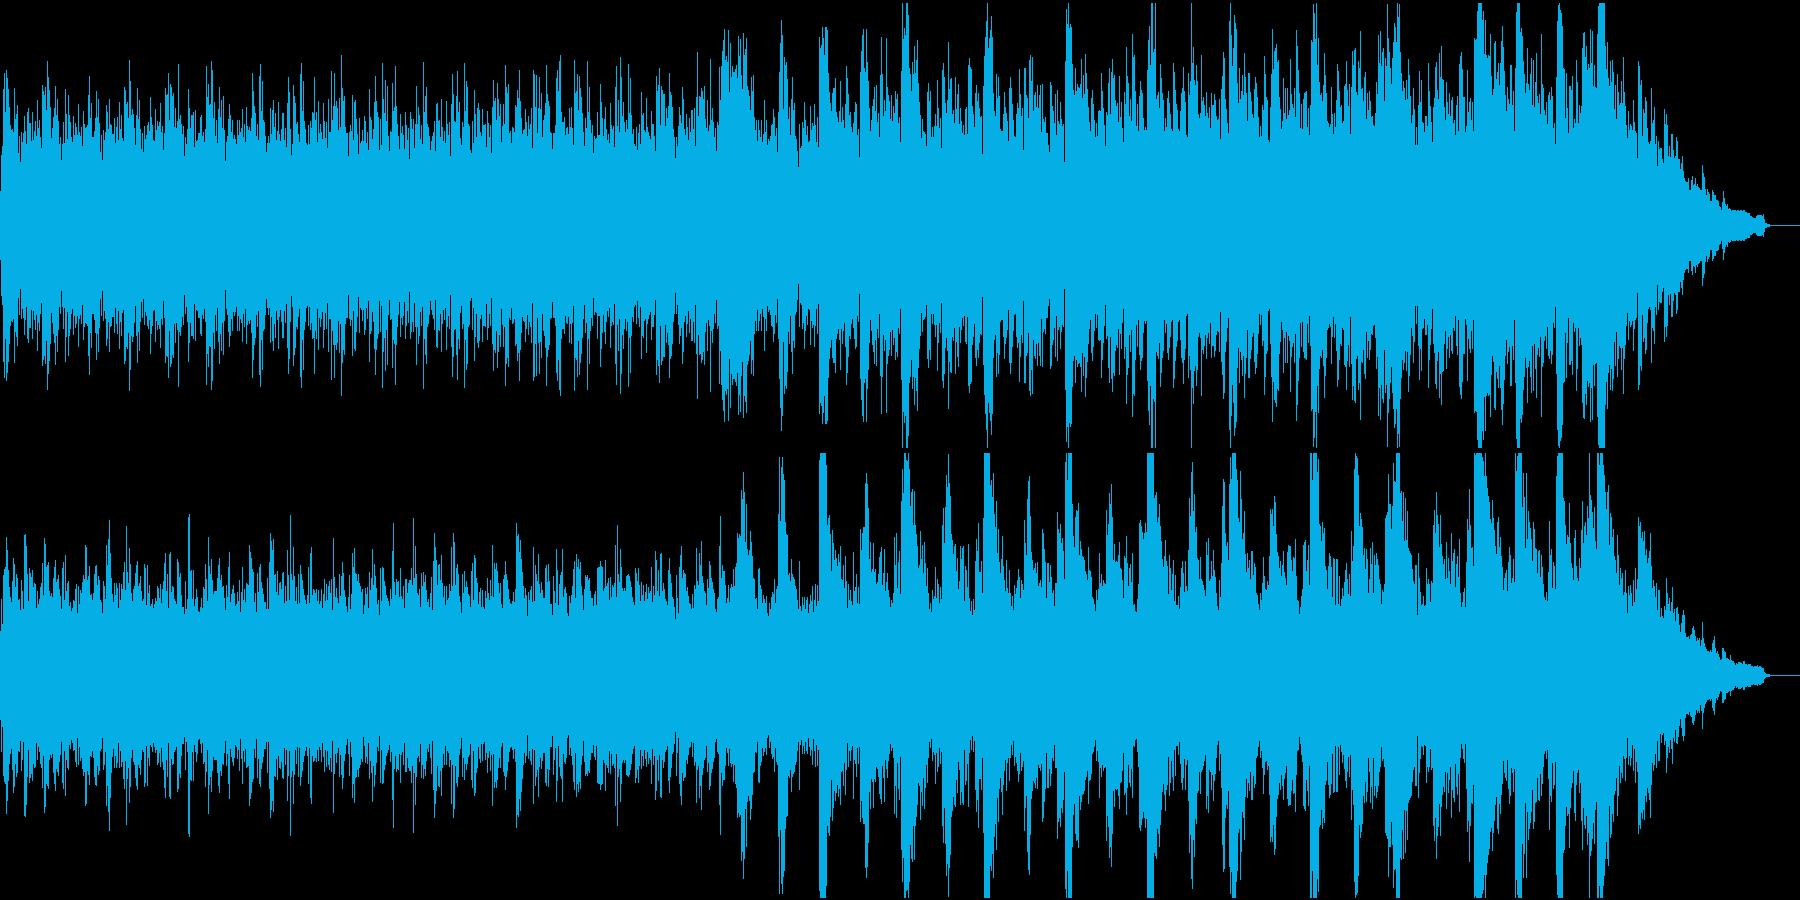 現代的な和風管弦楽⑤高音弦と金管なしの再生済みの波形